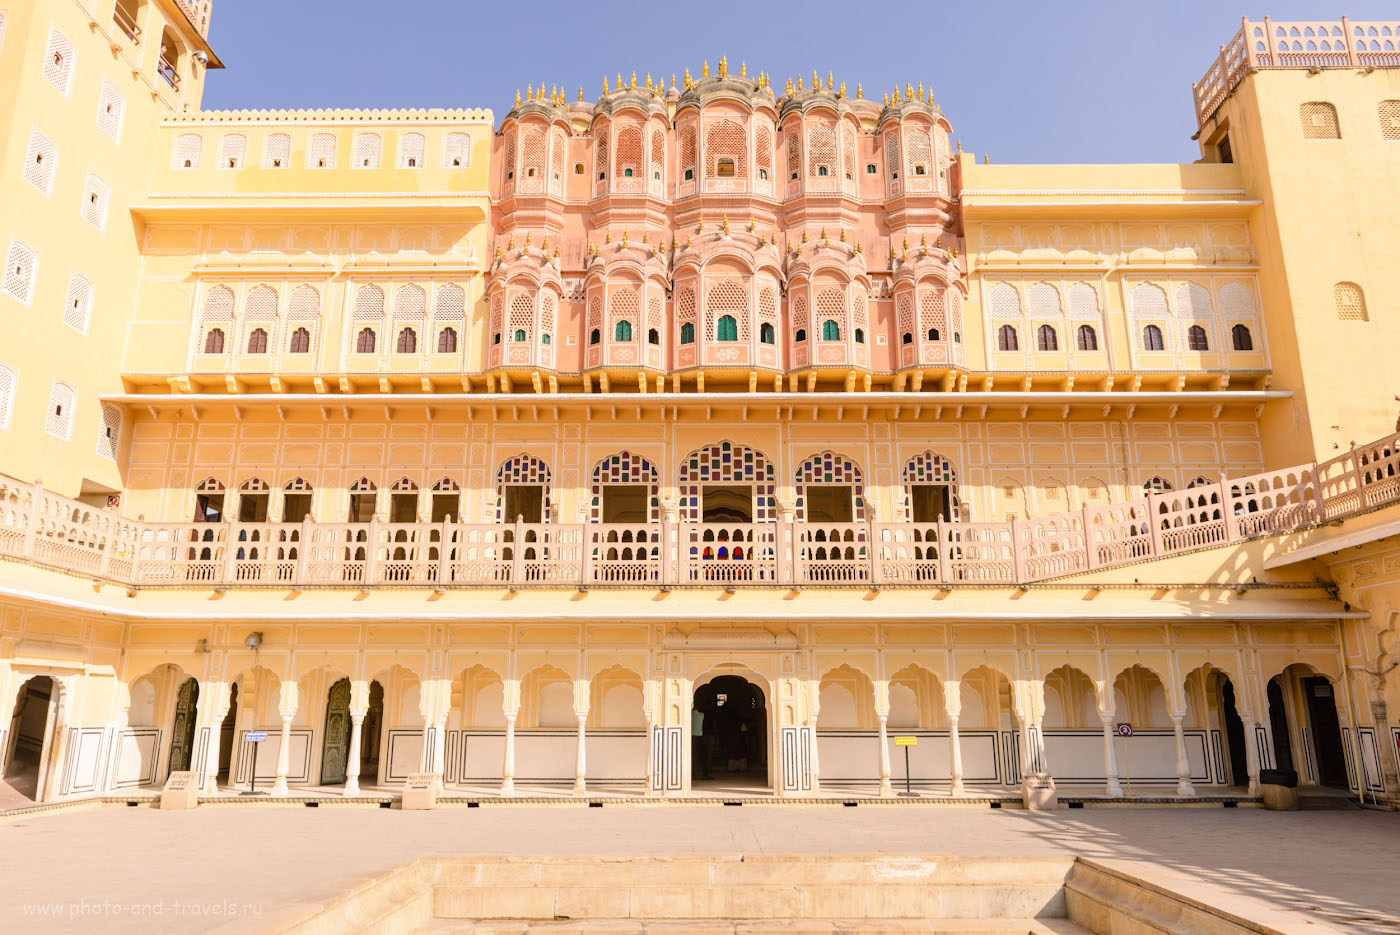 Фотография 9. С улицы Дворец ветров розовый, со двора – желтый. Отчет об экскурсии в Джайпуре. 1/320, 0.67, 7.1, 100, 24.